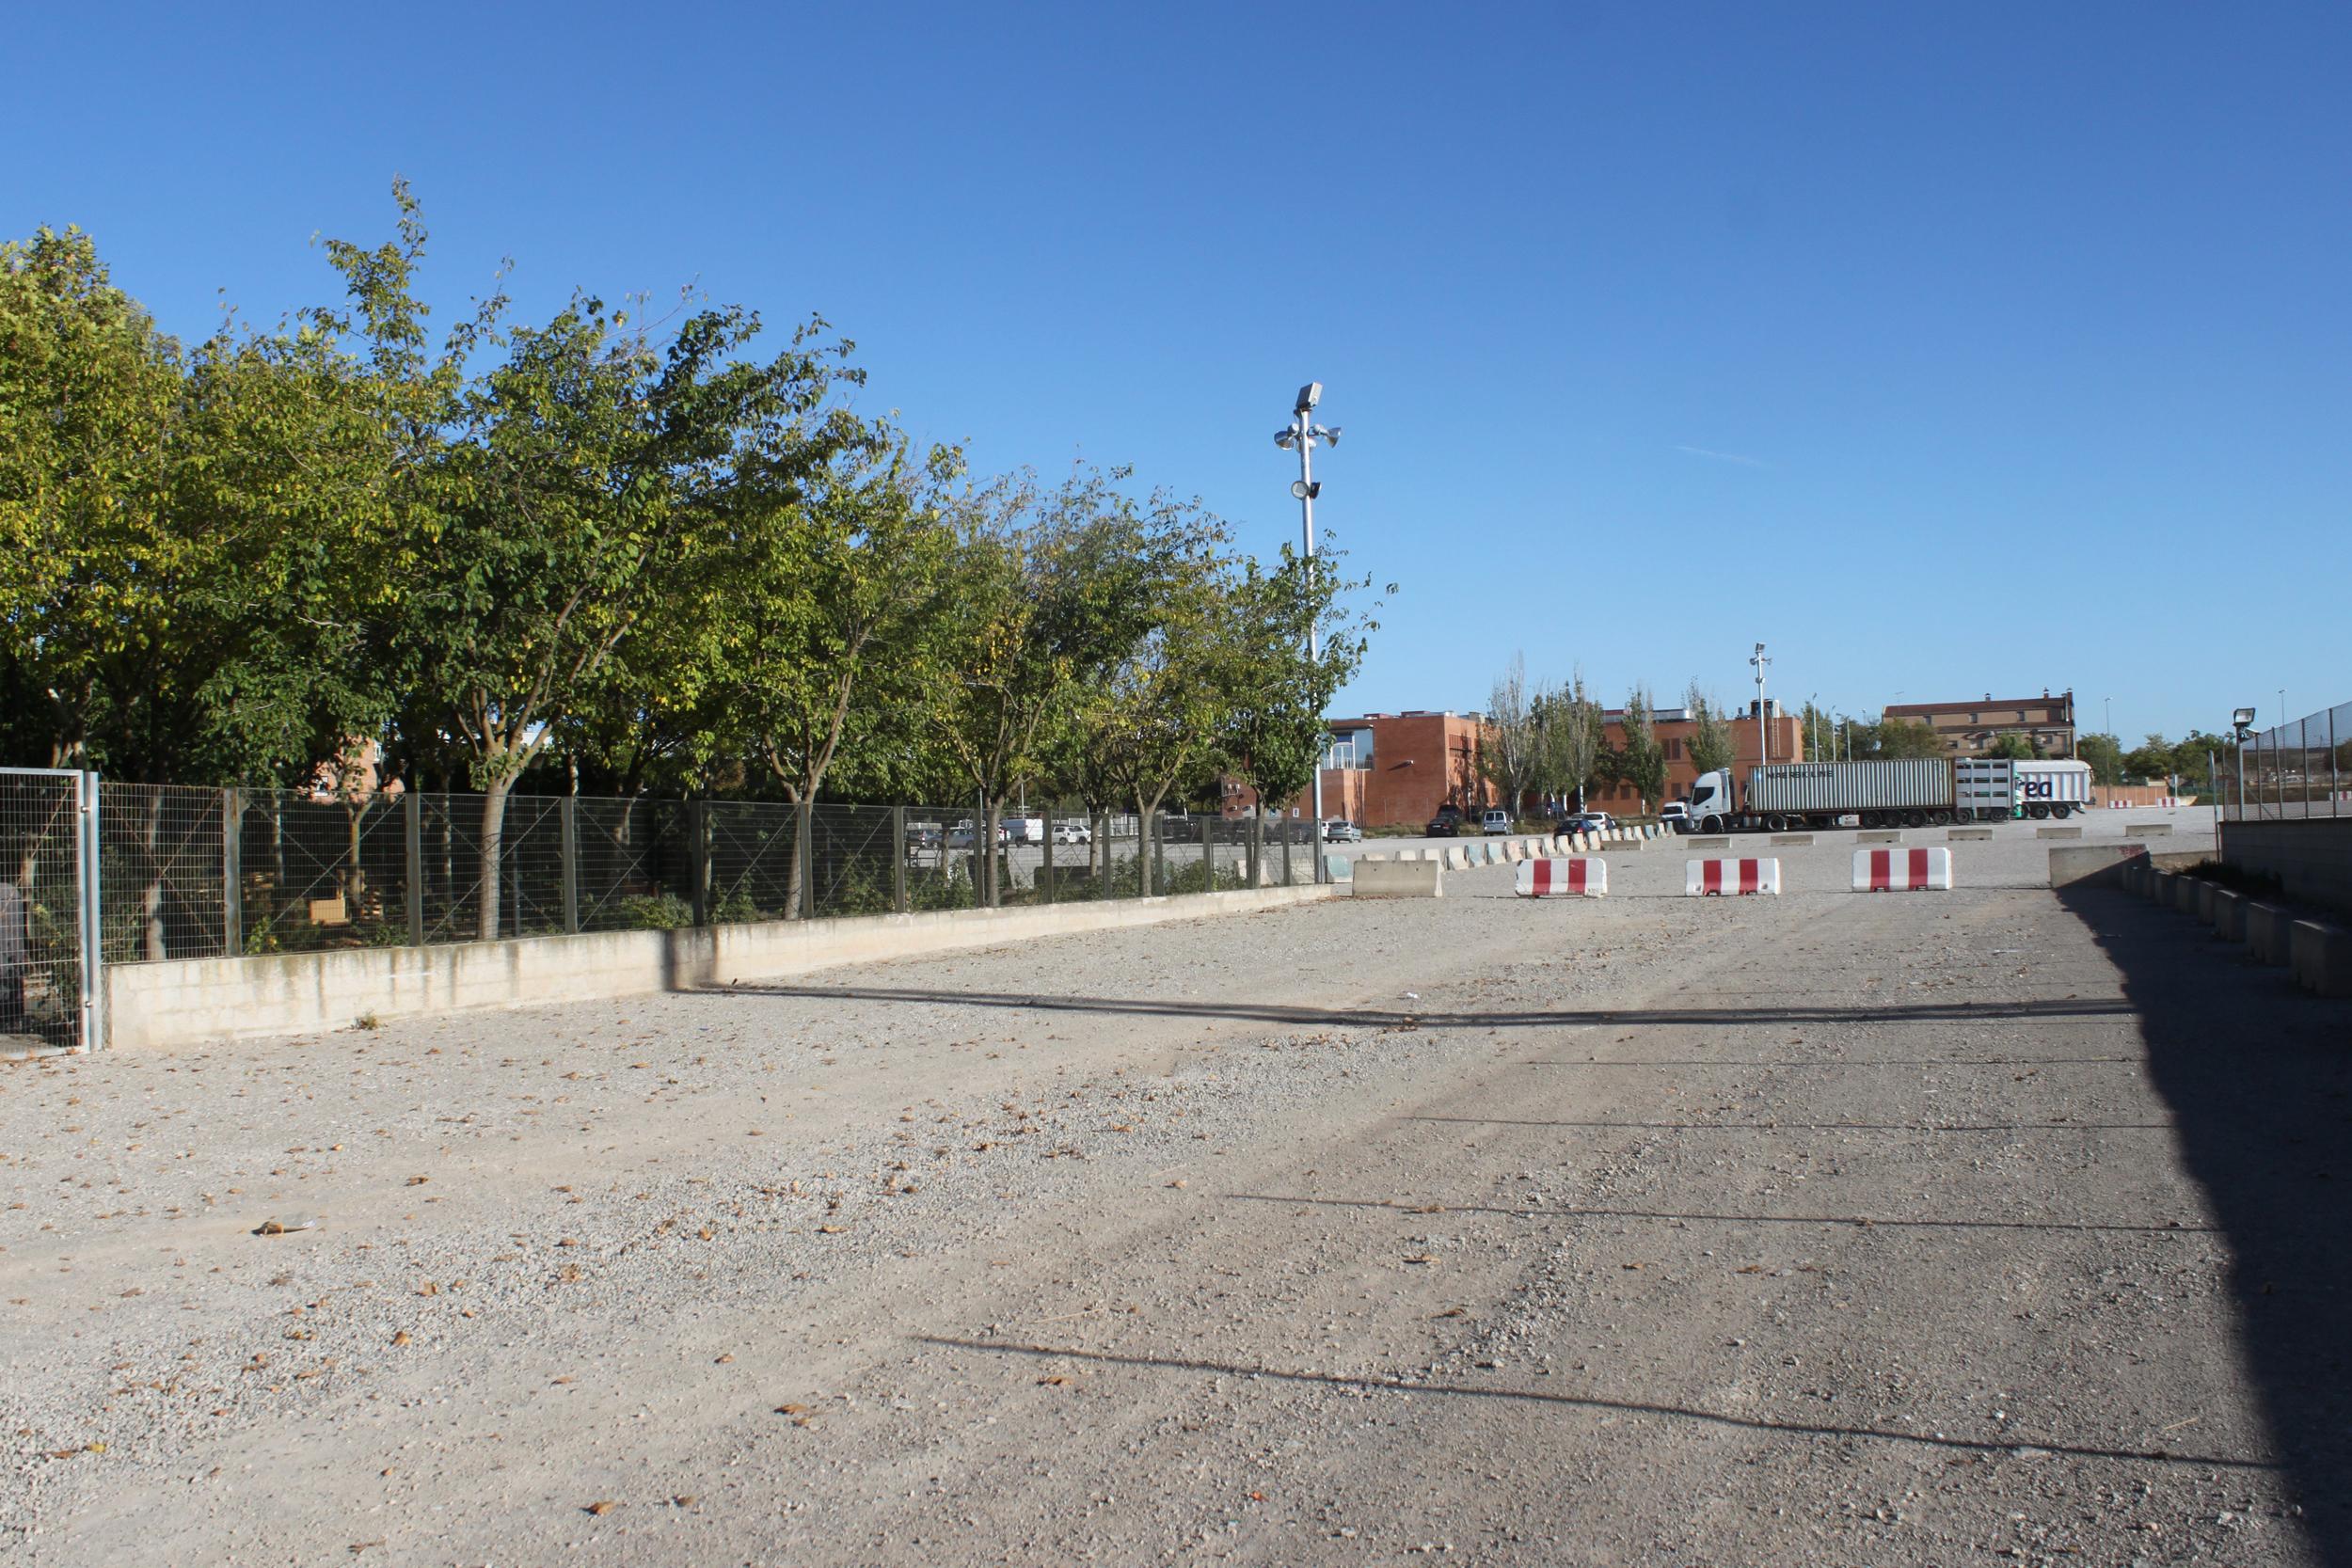 L'Ajuntament de Tàrrega aprova el projecte de construcció d'una àrea de servei destinada a autocaravanes